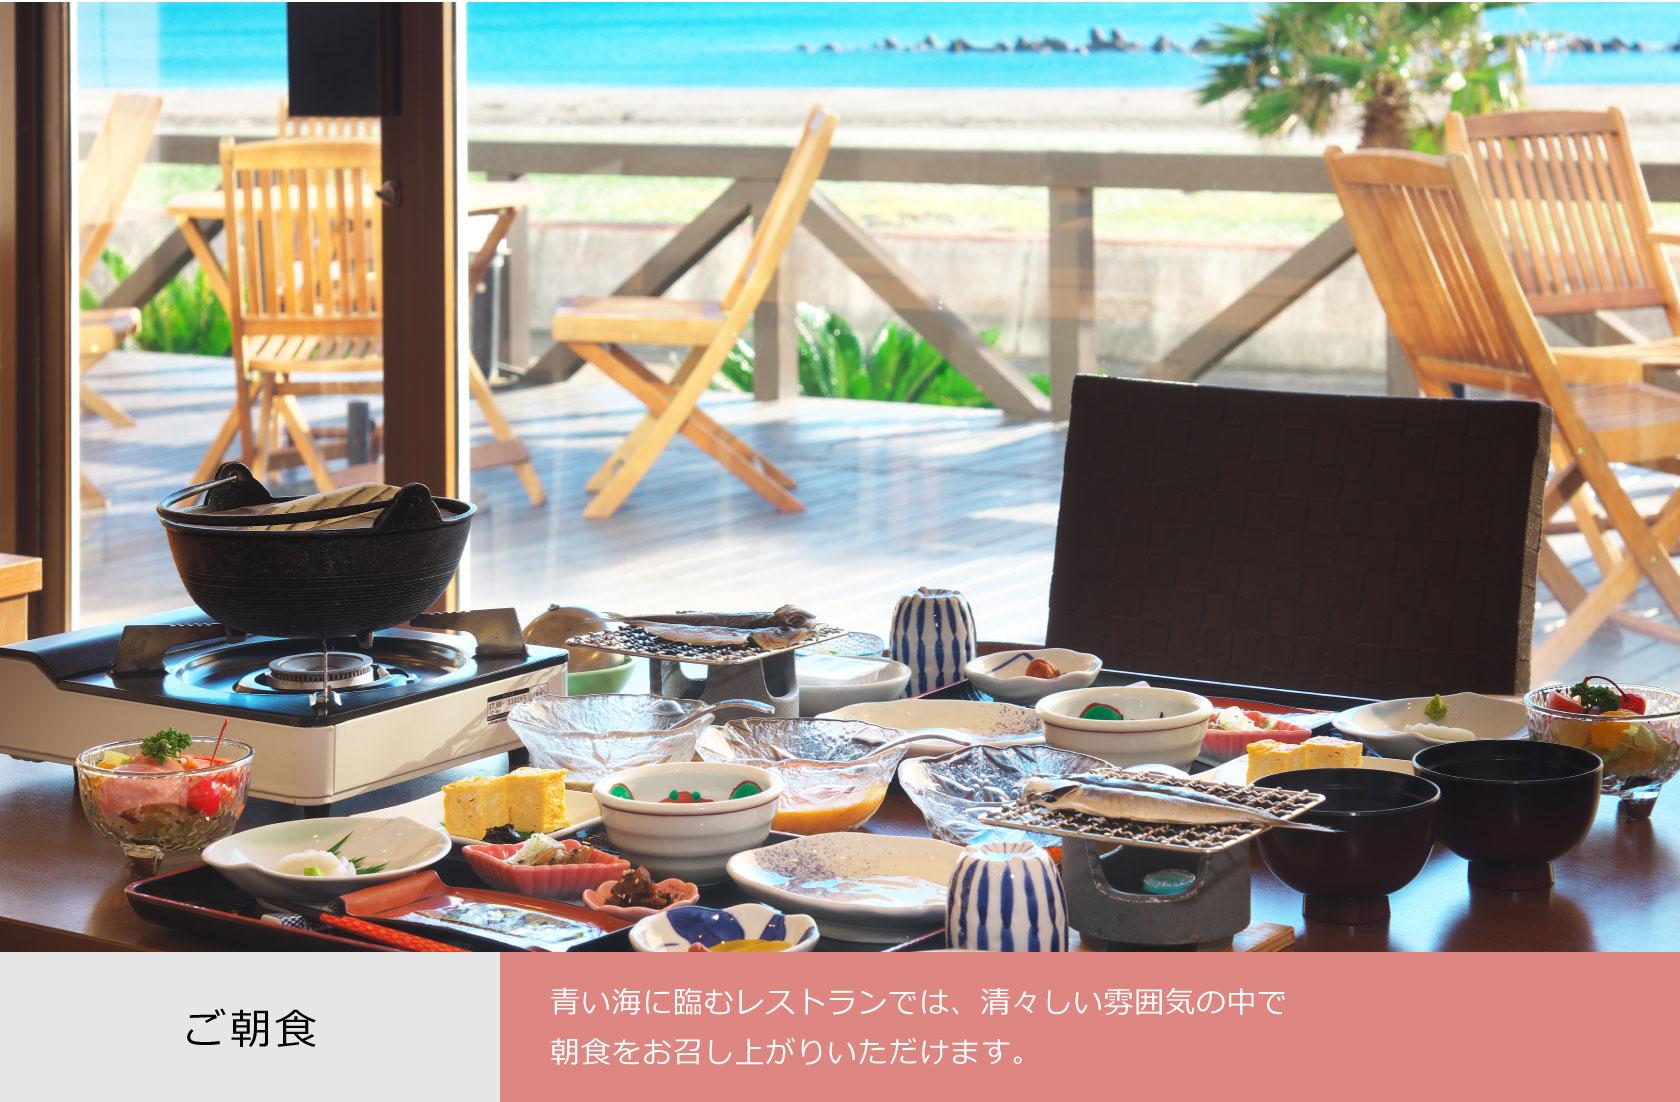 ご朝食 青い海に臨むレストランでは、清々しい雰囲気の中で朝食をお召し上がりいただけます。